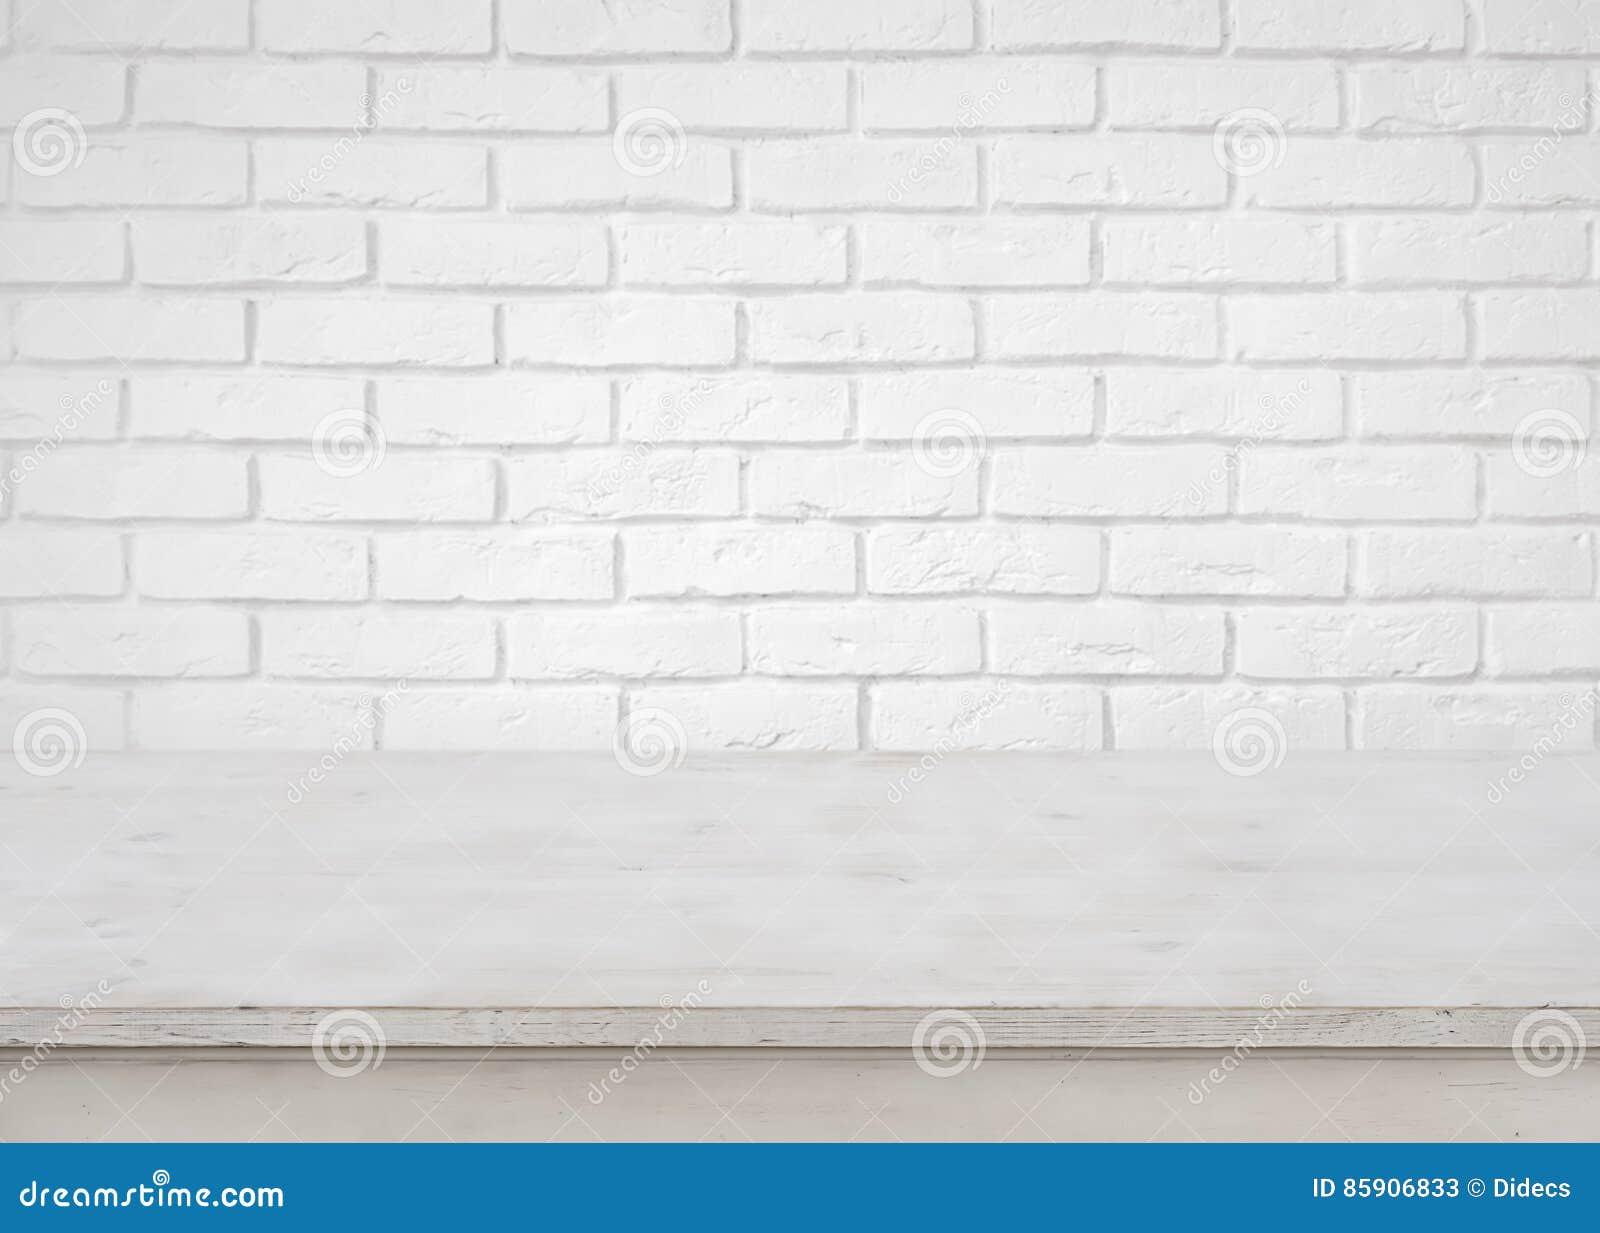 De uitstekende lege houten lijst defocused witte bakstenen muurachtergrond